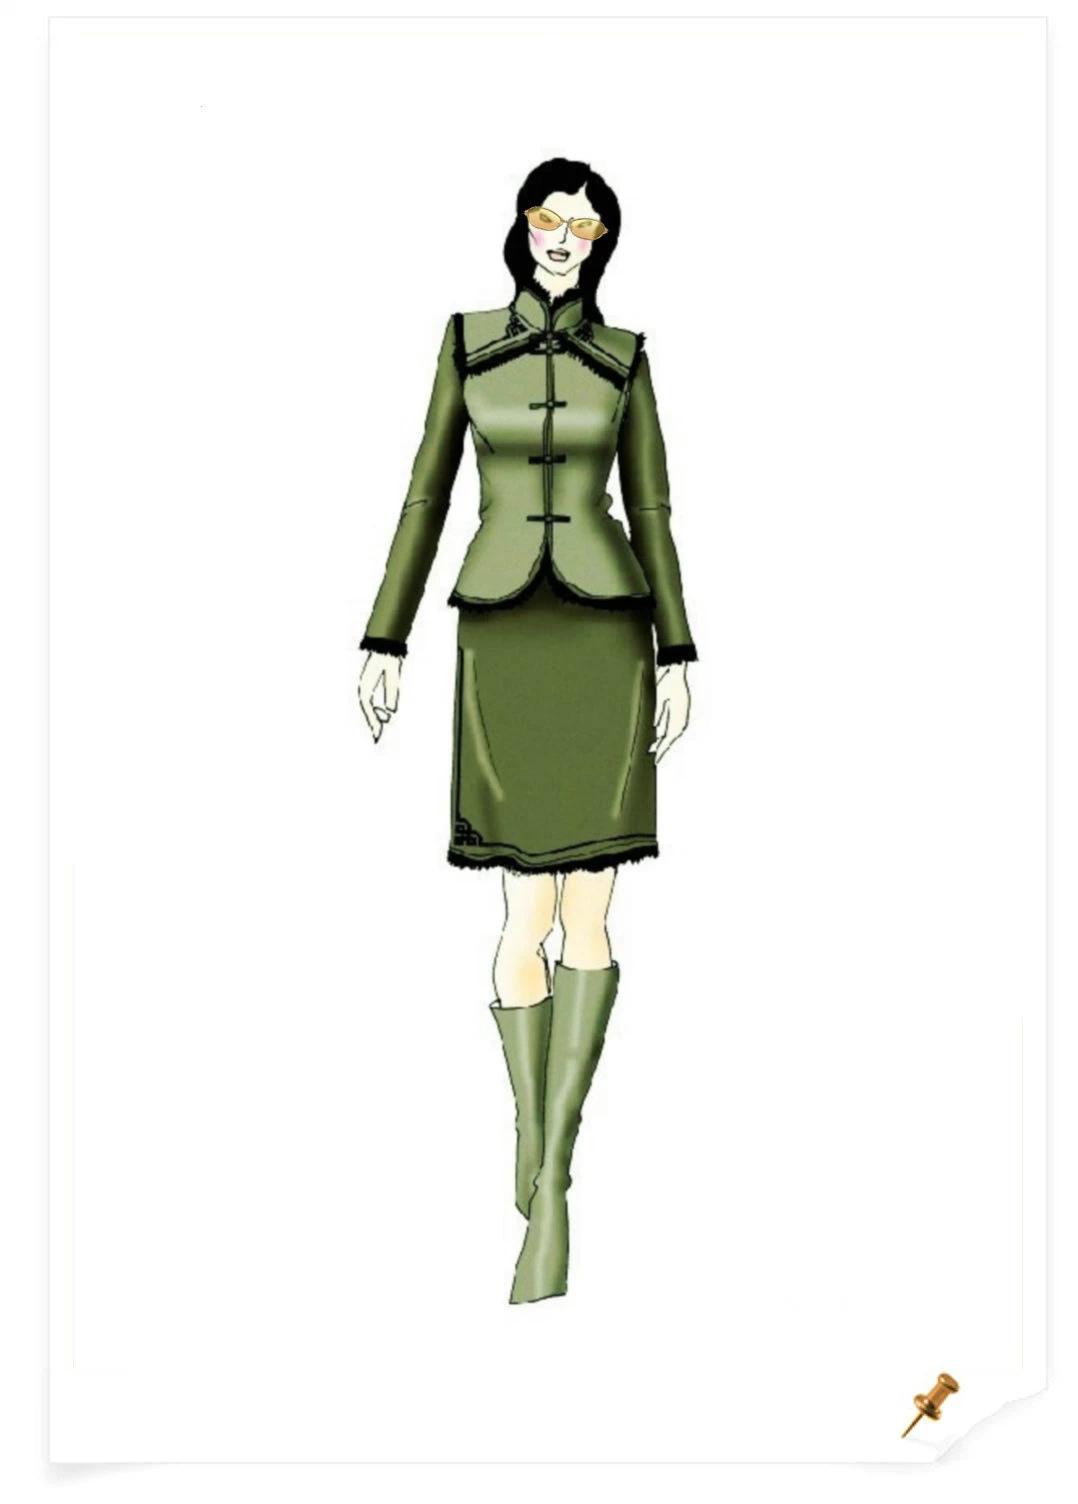 【服装美术】蒙古元素服饰设计效果图 第6张